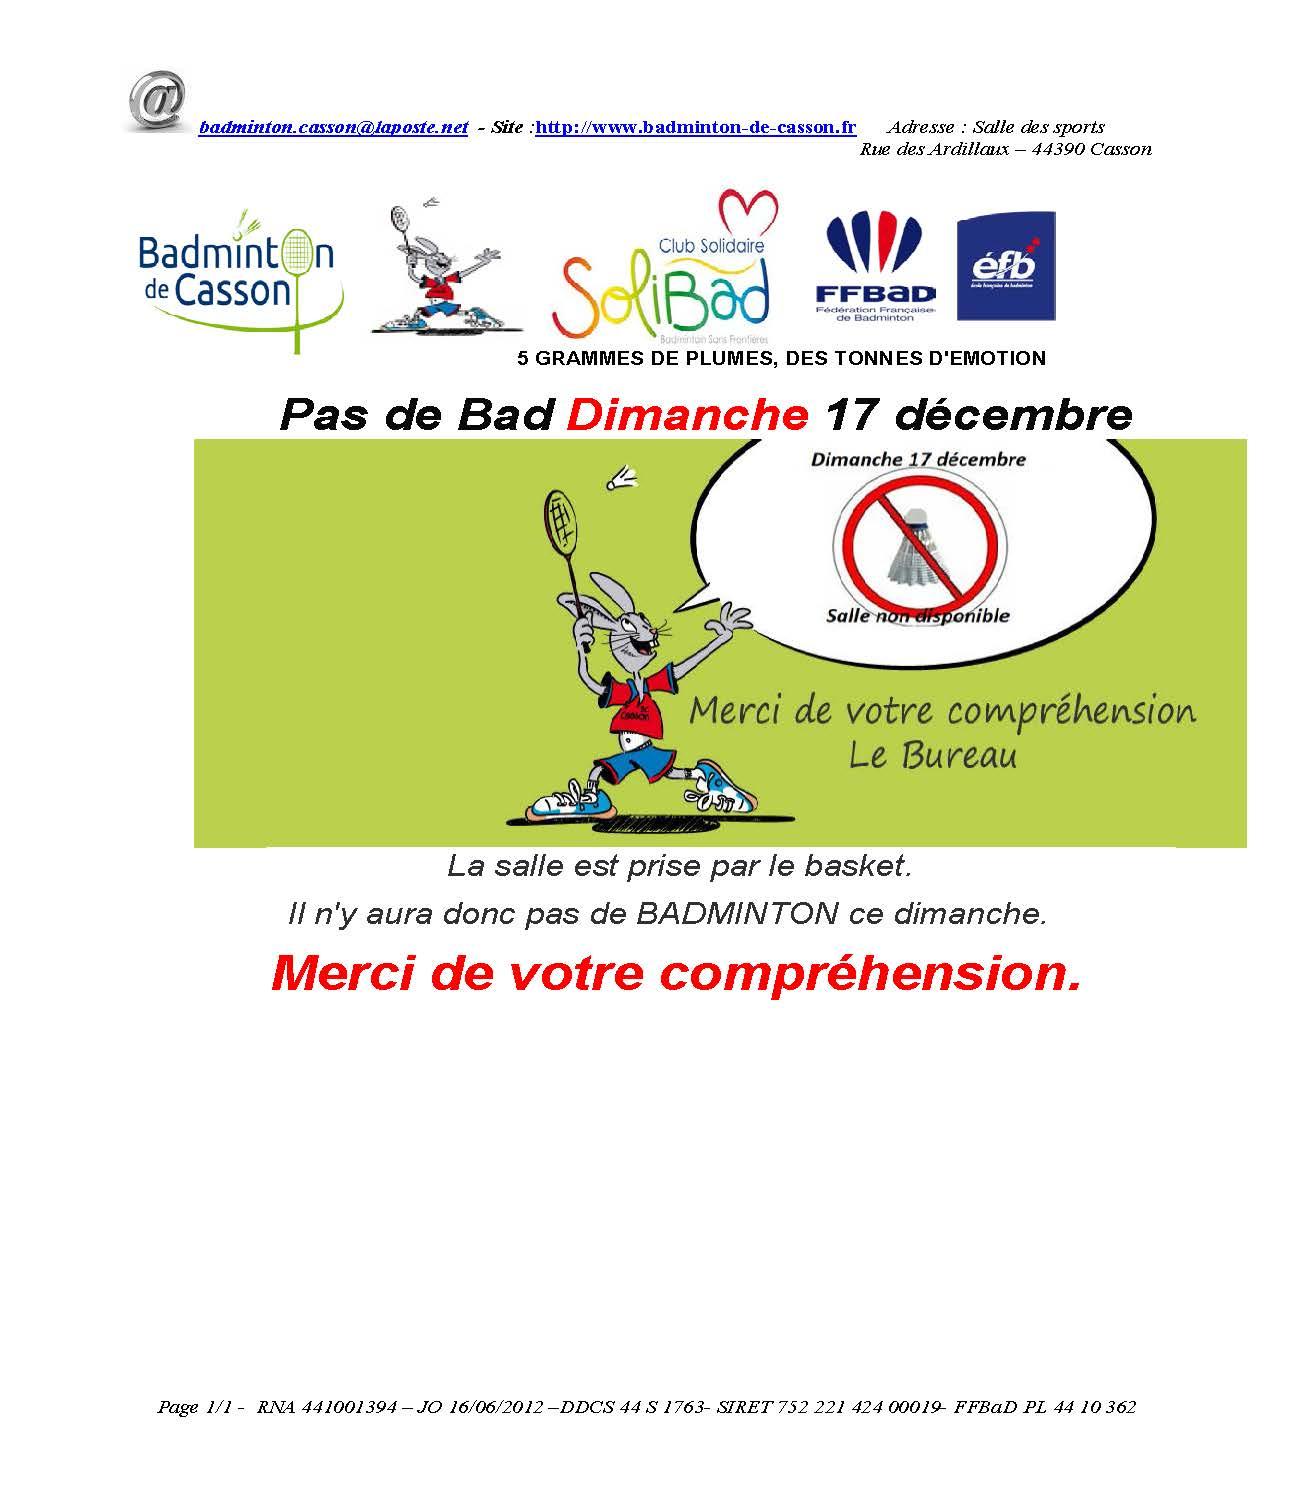 PAS DE BAD DIMANCHE 17 DECEMBRE